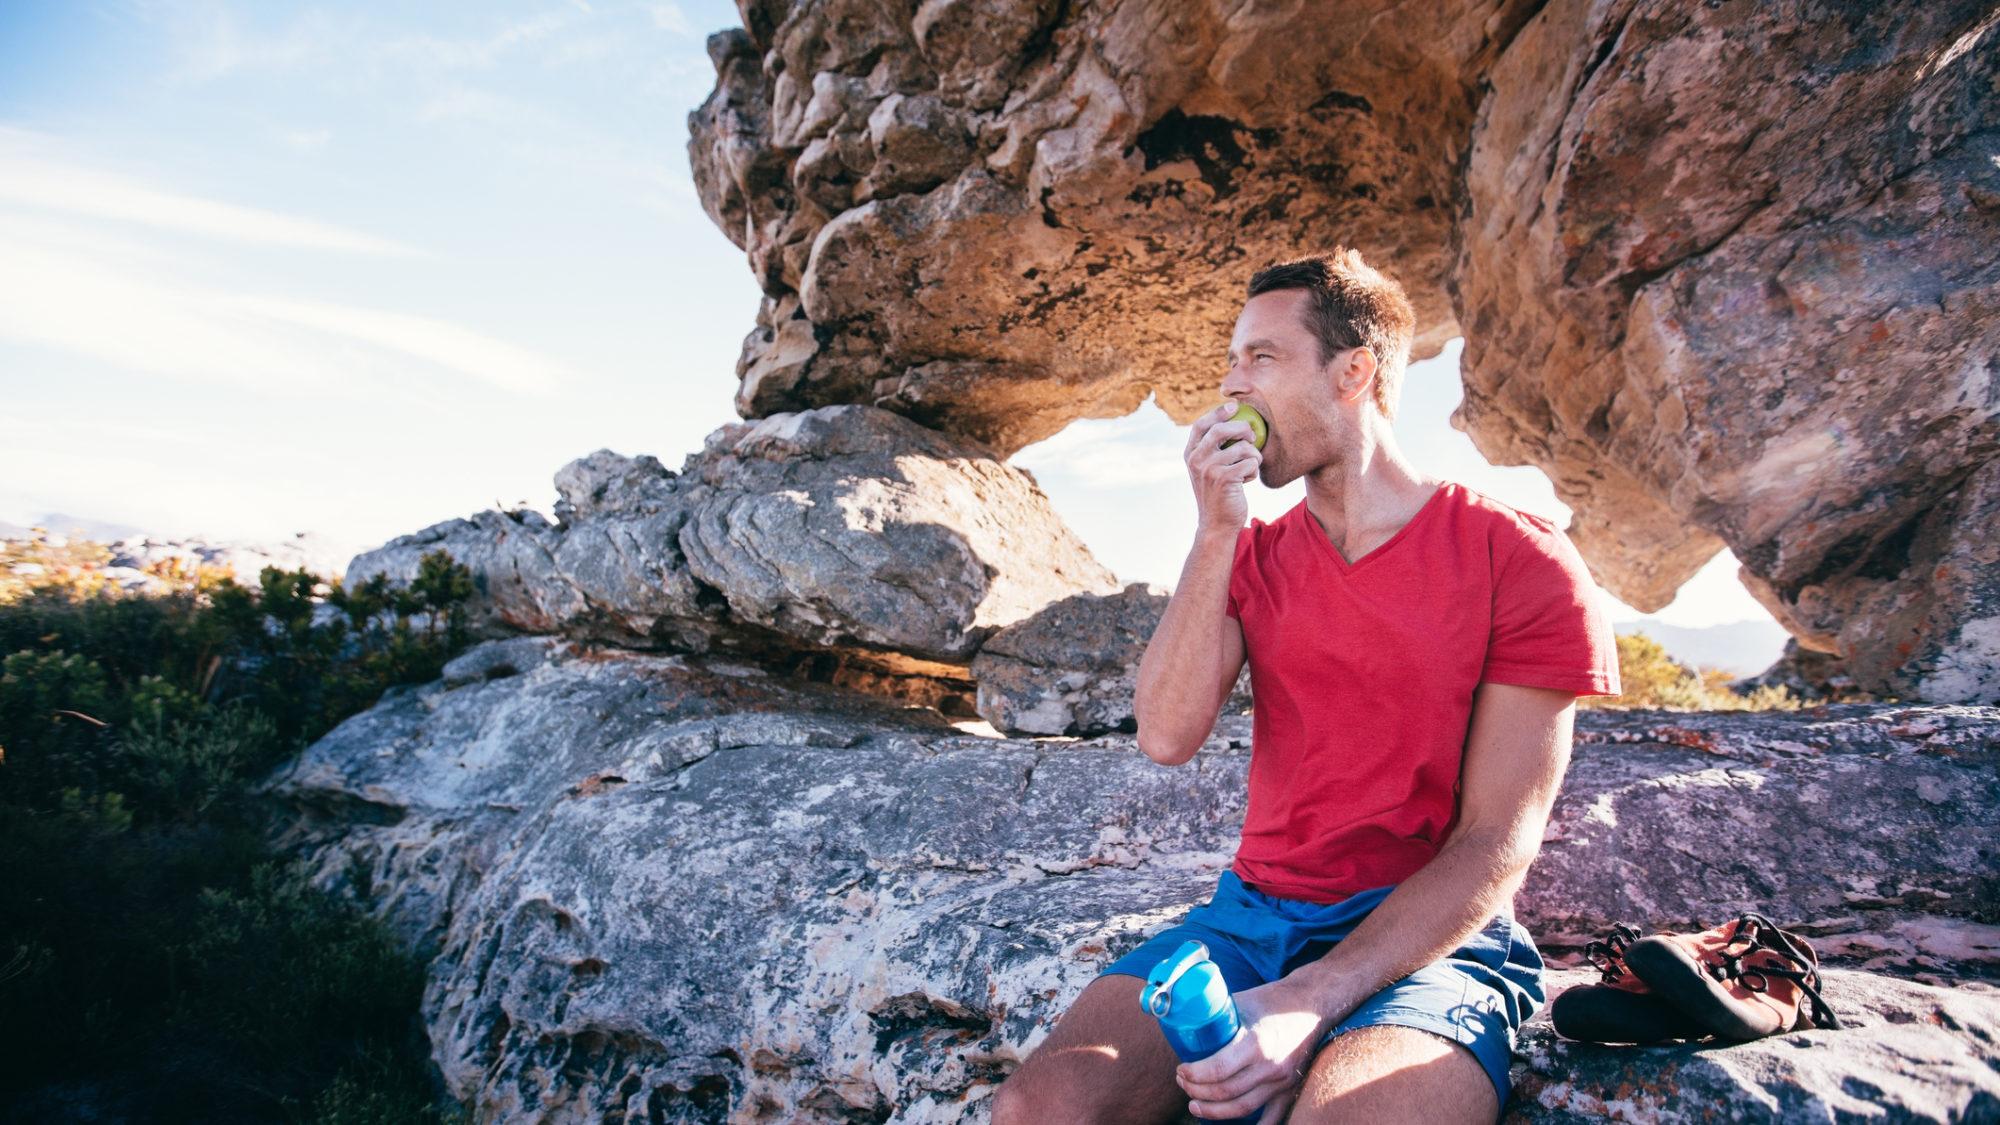 Exercício físico com calor: cuidados a ter